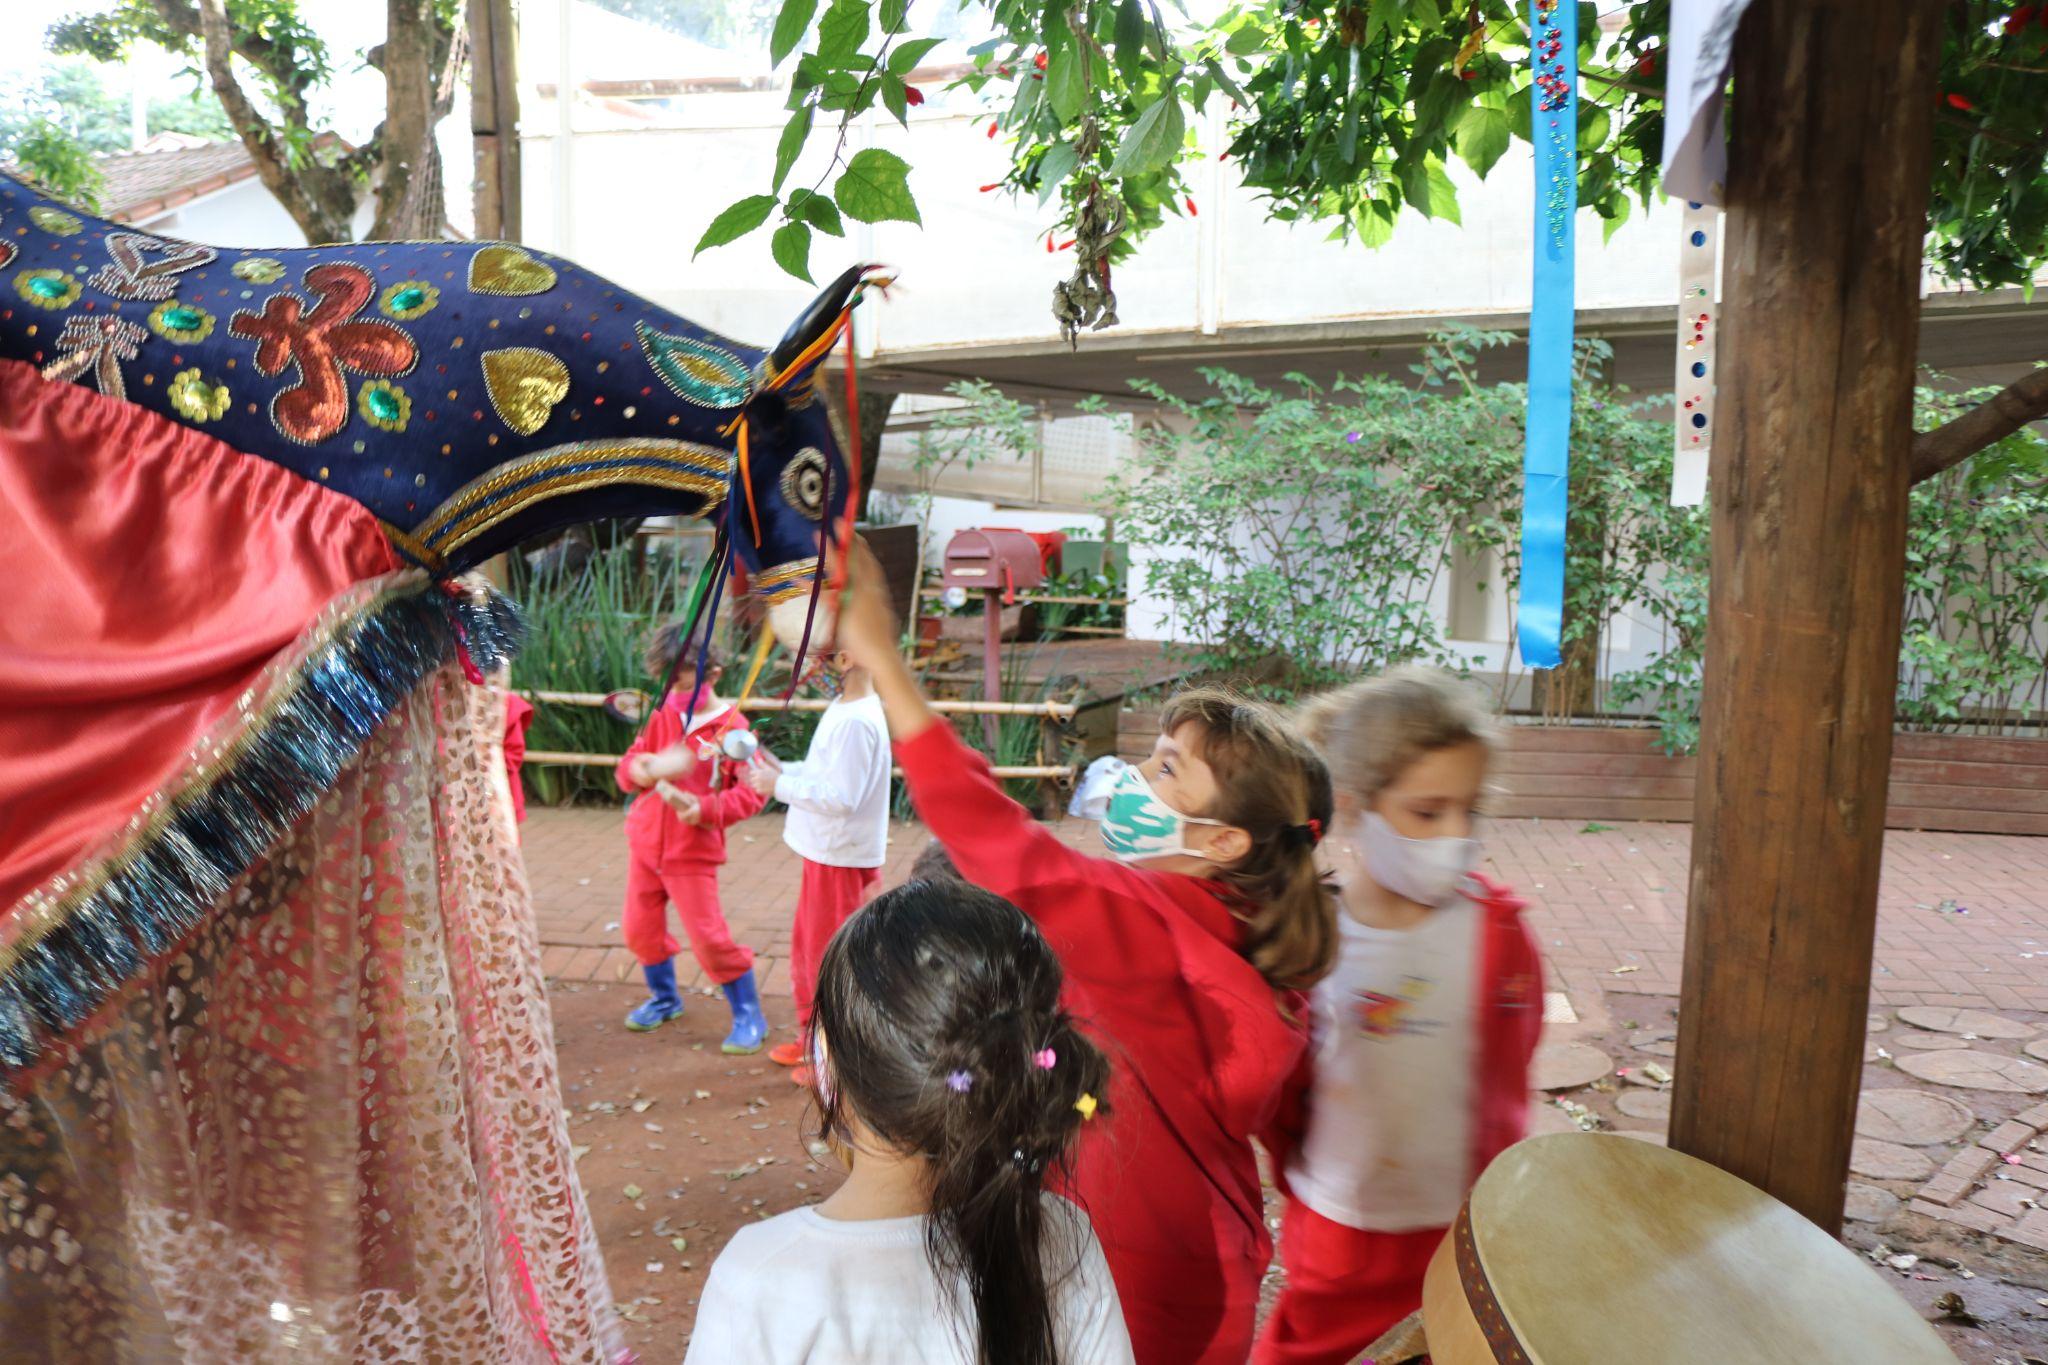 A imagem mostra uma criança interagindo com uma fantasia de um boi.